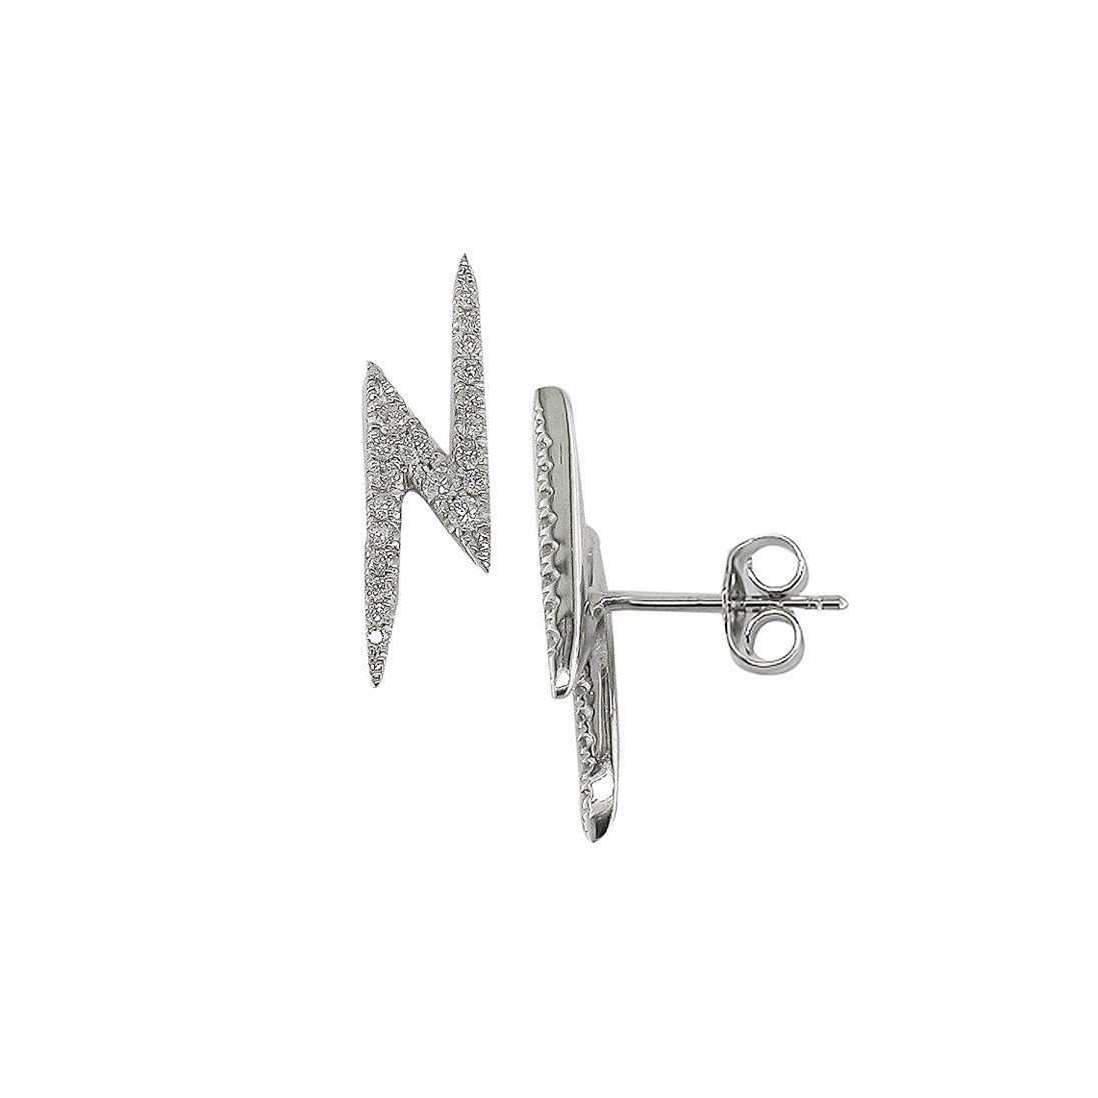 London Road Jewellery White Gold Diamond Geo Kiss Stud Earrings zhDDLGX